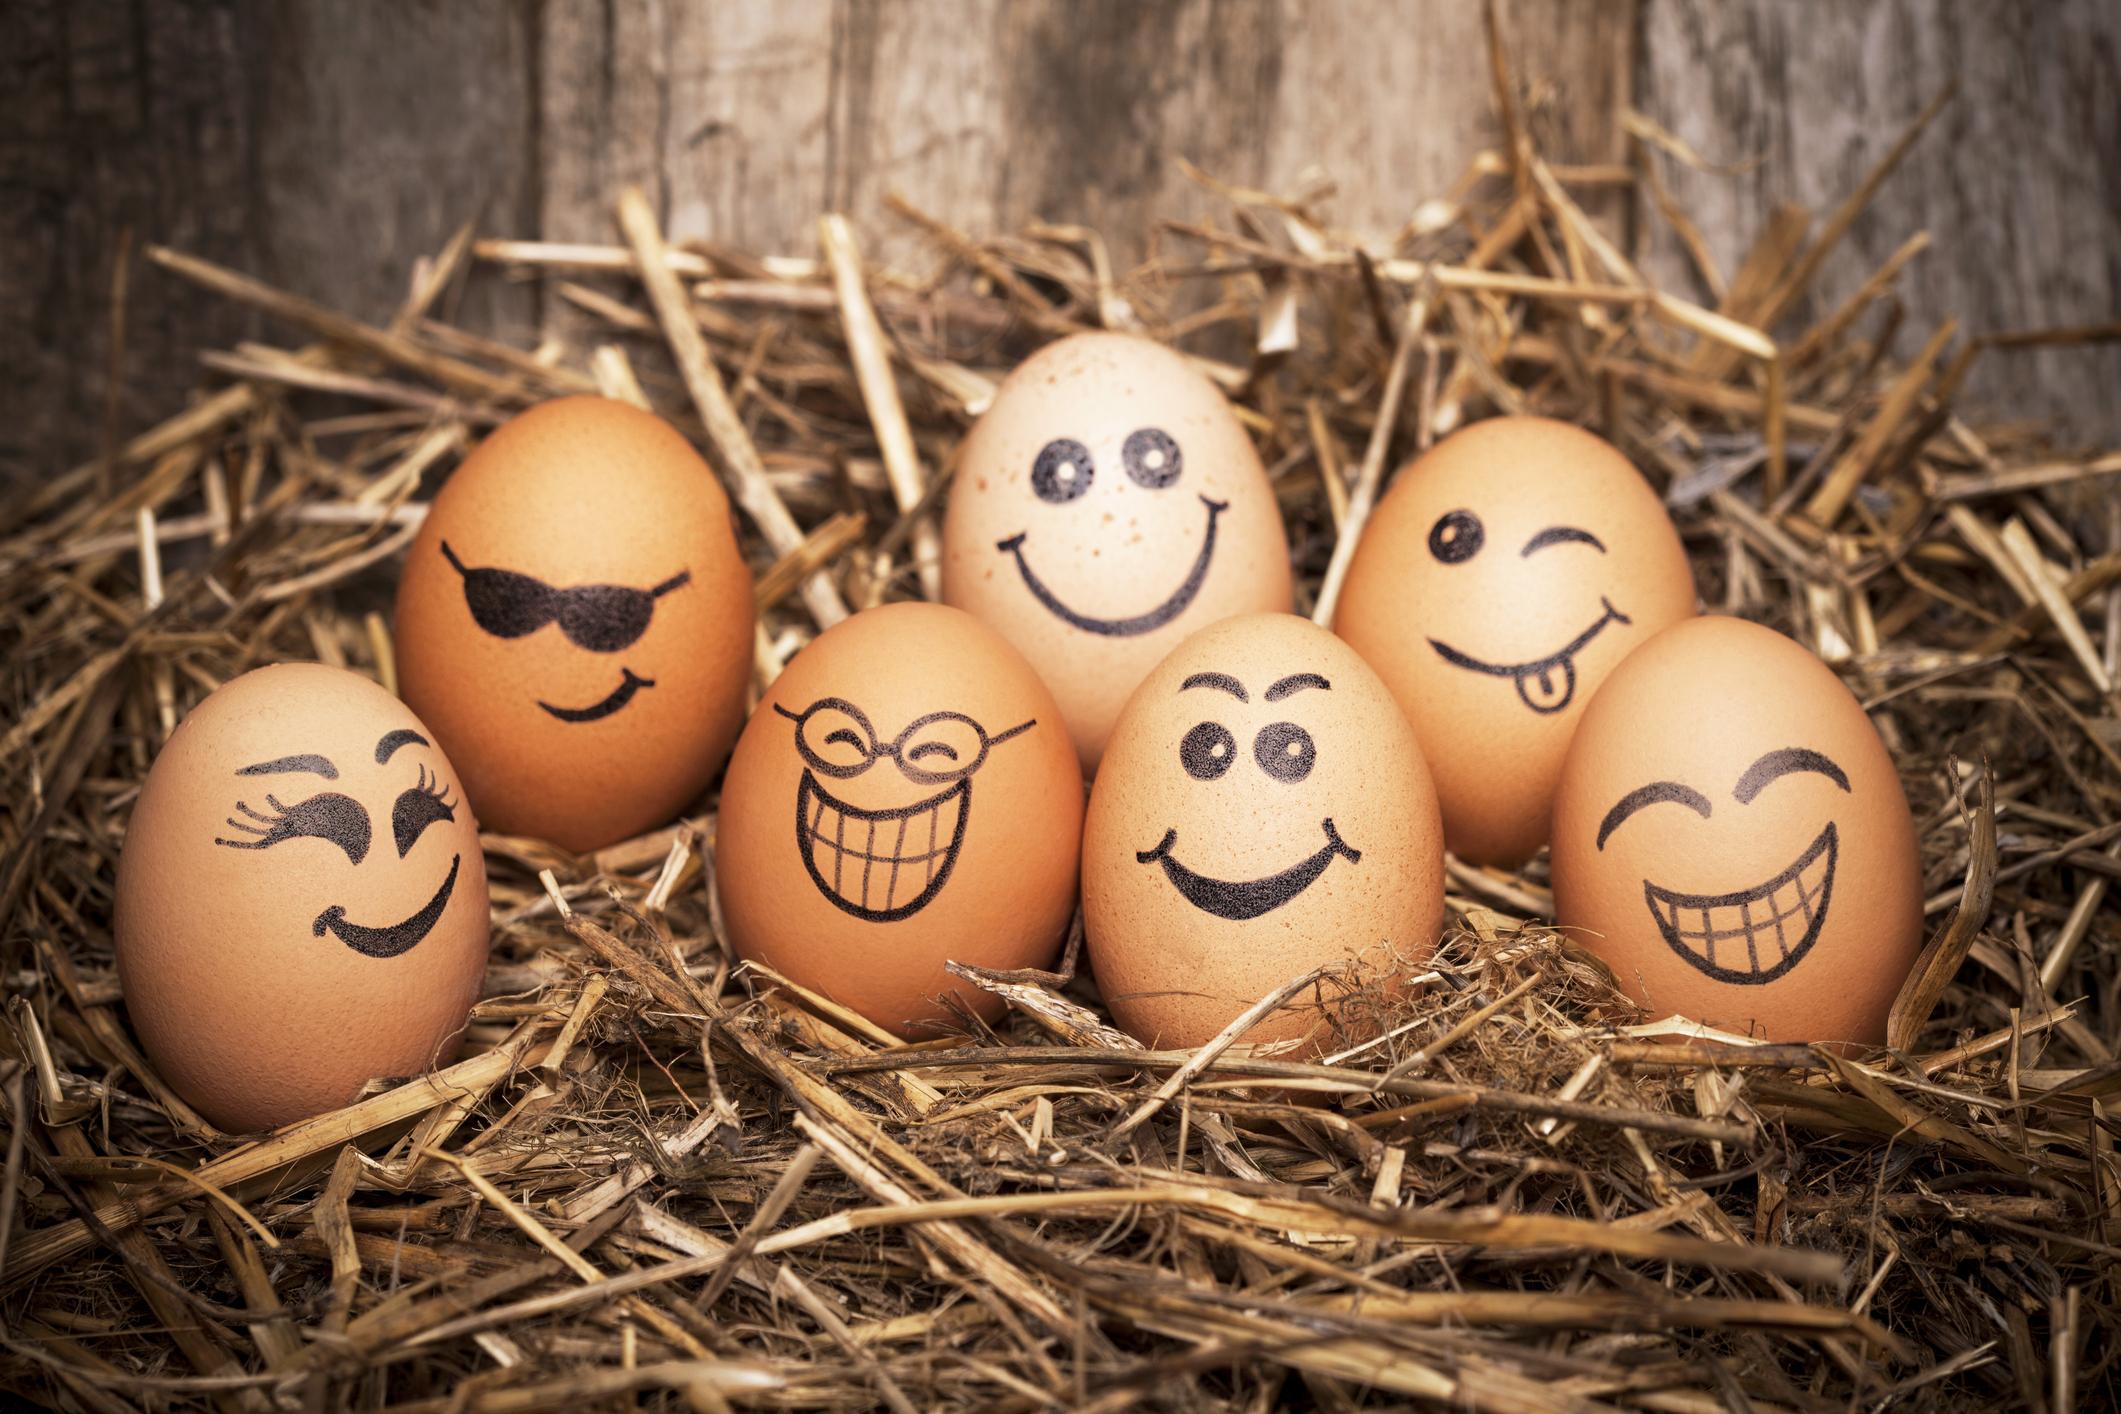 Jajka przyrządzane kreatywnie